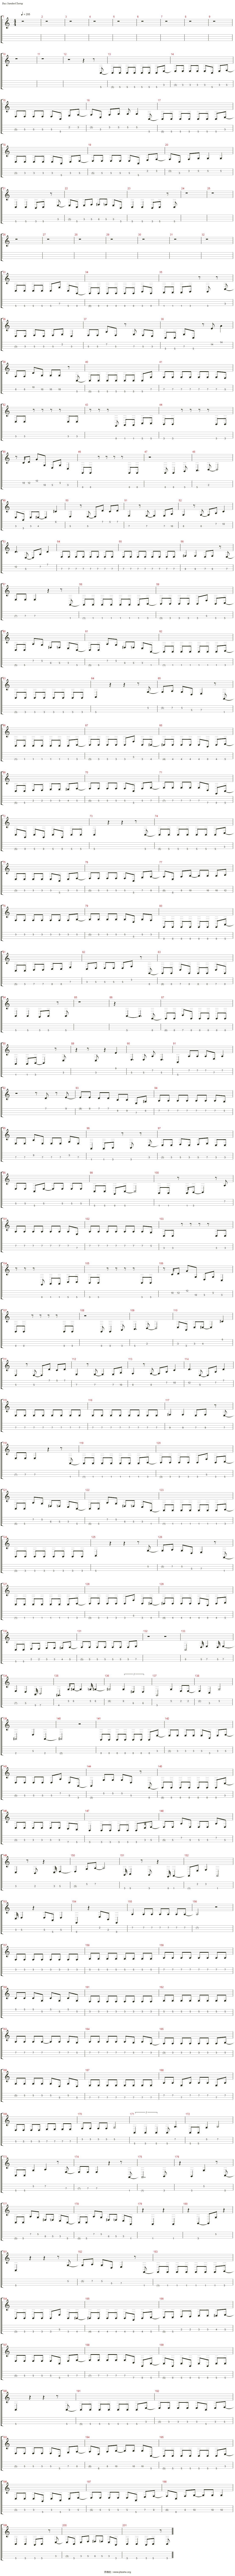 革命机valvrave - 革命デュアリズム(革命二元论)吉他谱(Electric Bass)_动漫游戏